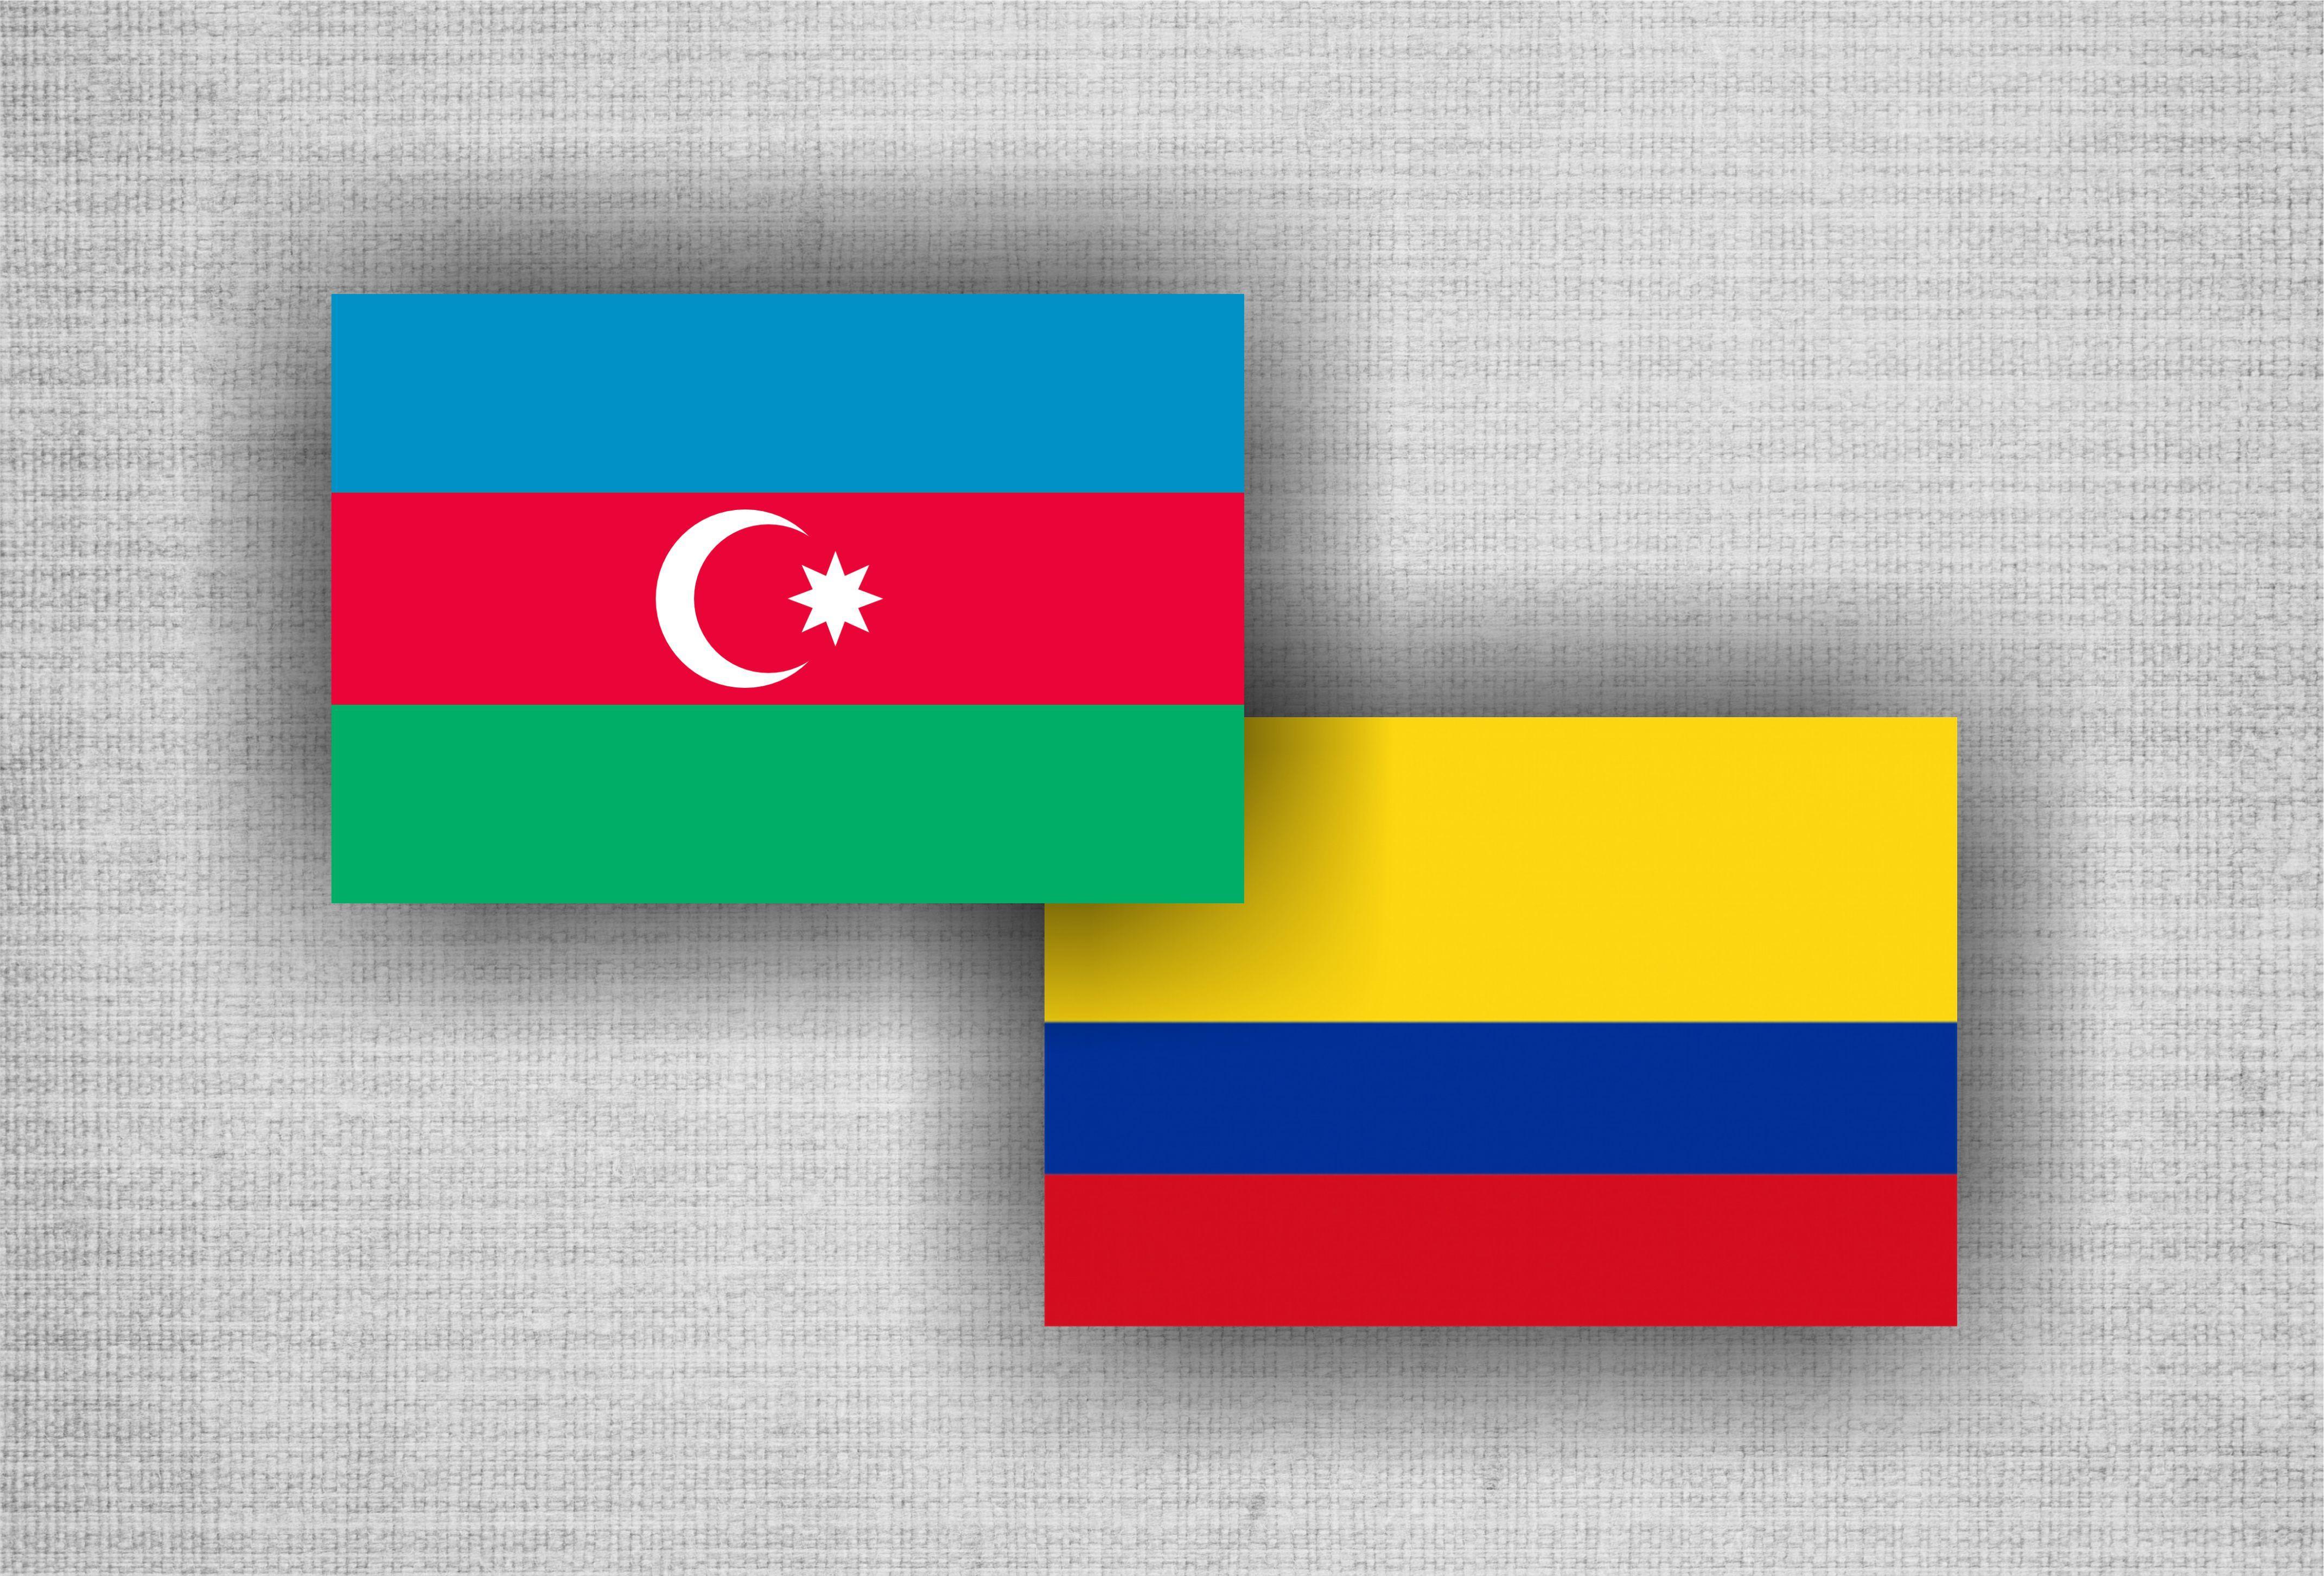 В Боготе состоялись  двусторонние политические консультации Азербайджан-Колумбия